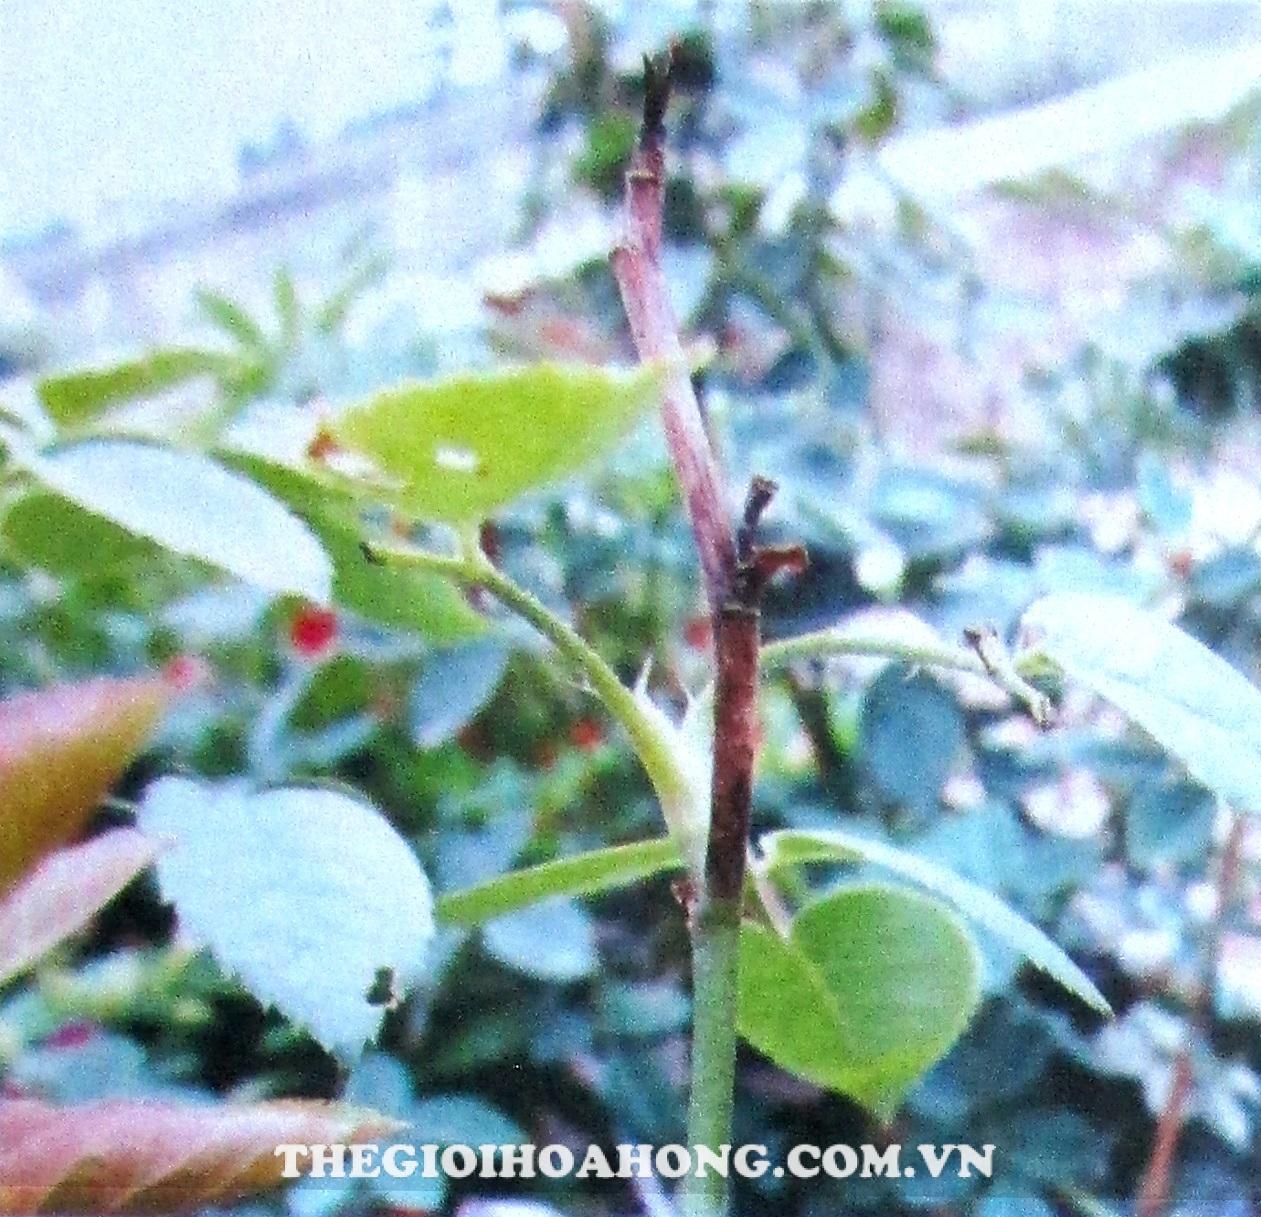 Bệnh khô cành trên cây hoa hồng do nấm